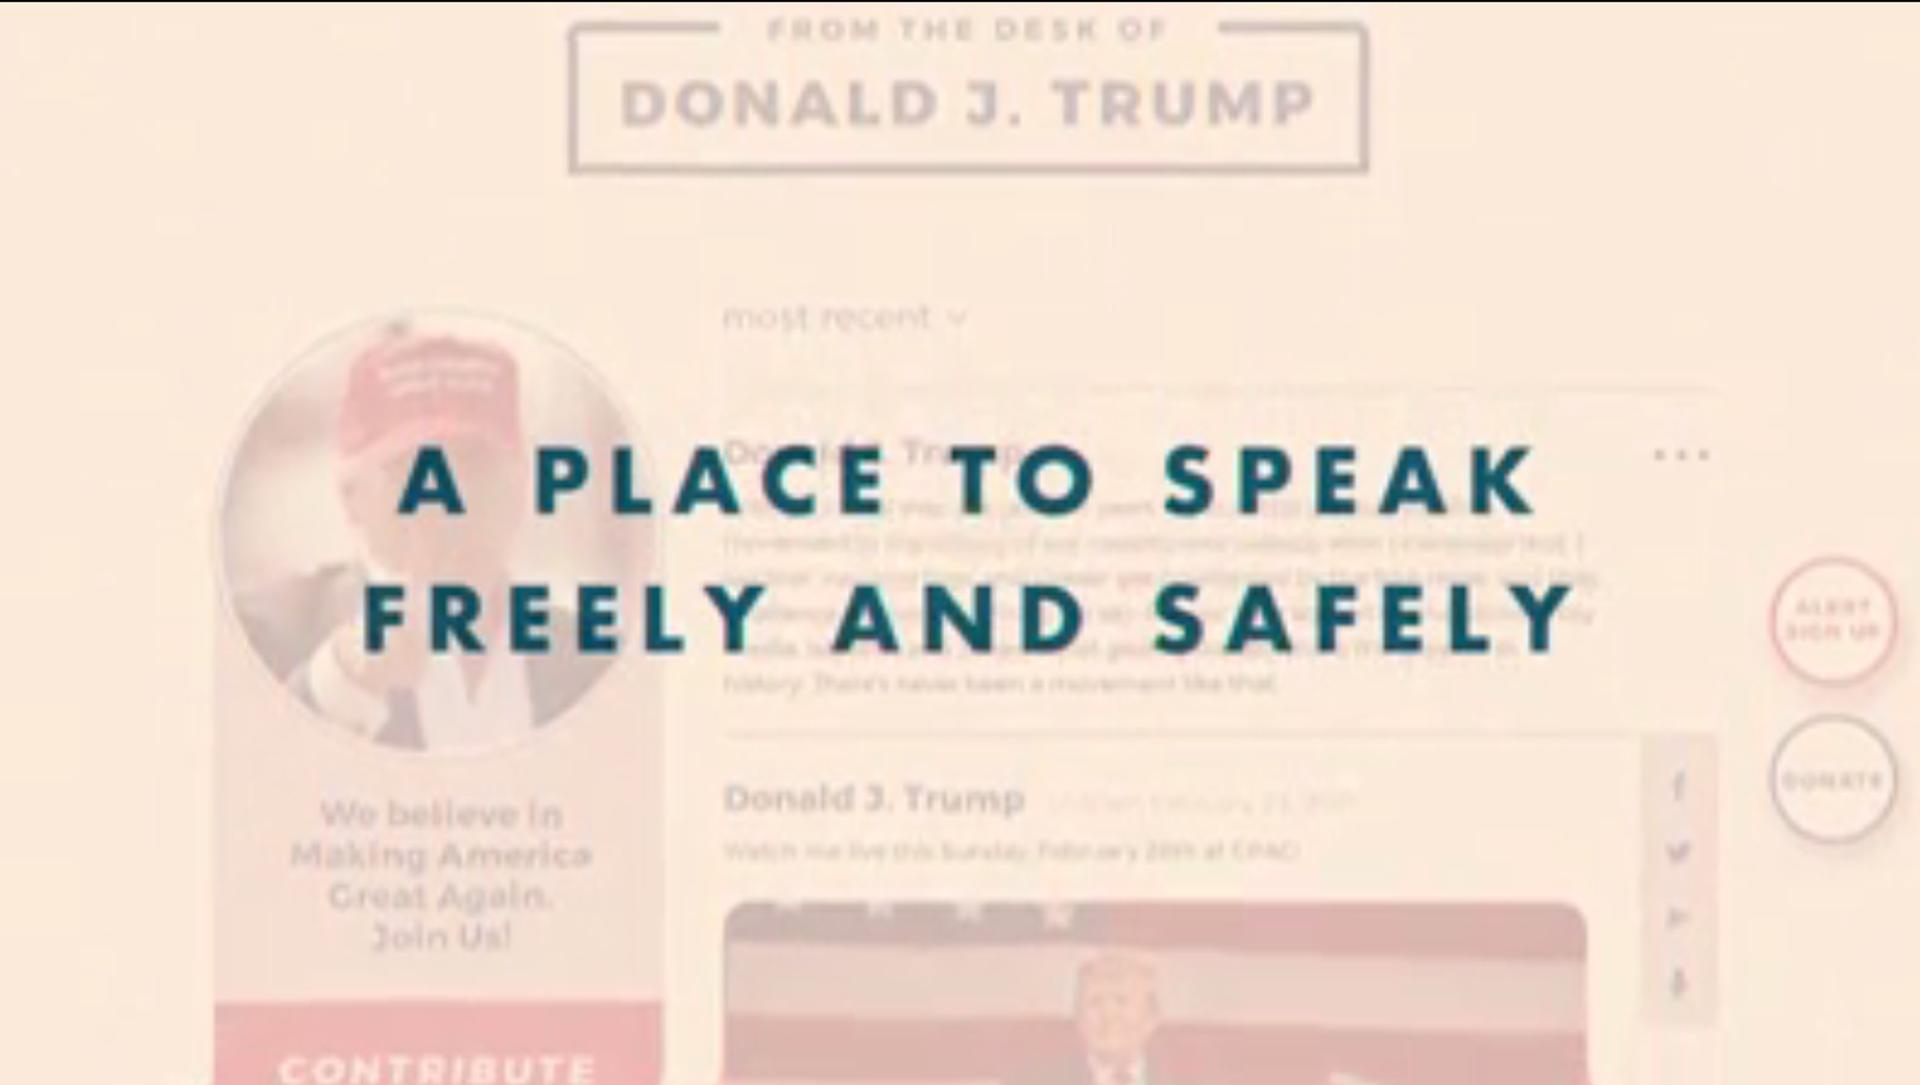 Ảnh chụp màn hình từ một video được đăng lên nền tảng truyền thông mới của Trump Từ Bàn làm việc của Donald J From the Desk of Donald J. - Sputnik Việt Nam, 1920, 05.05.2021